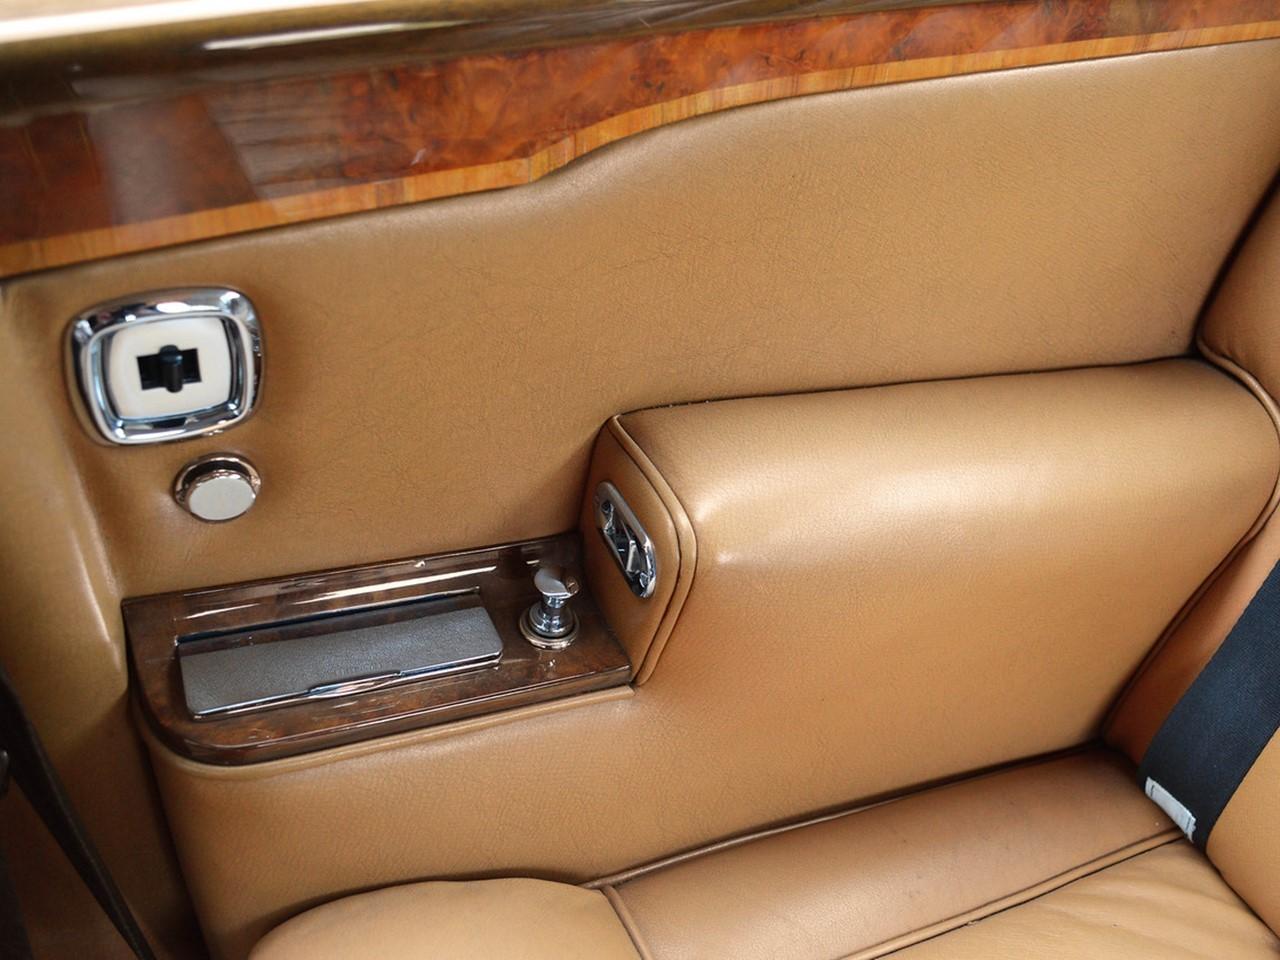 1974 Corniche fixedhead 4